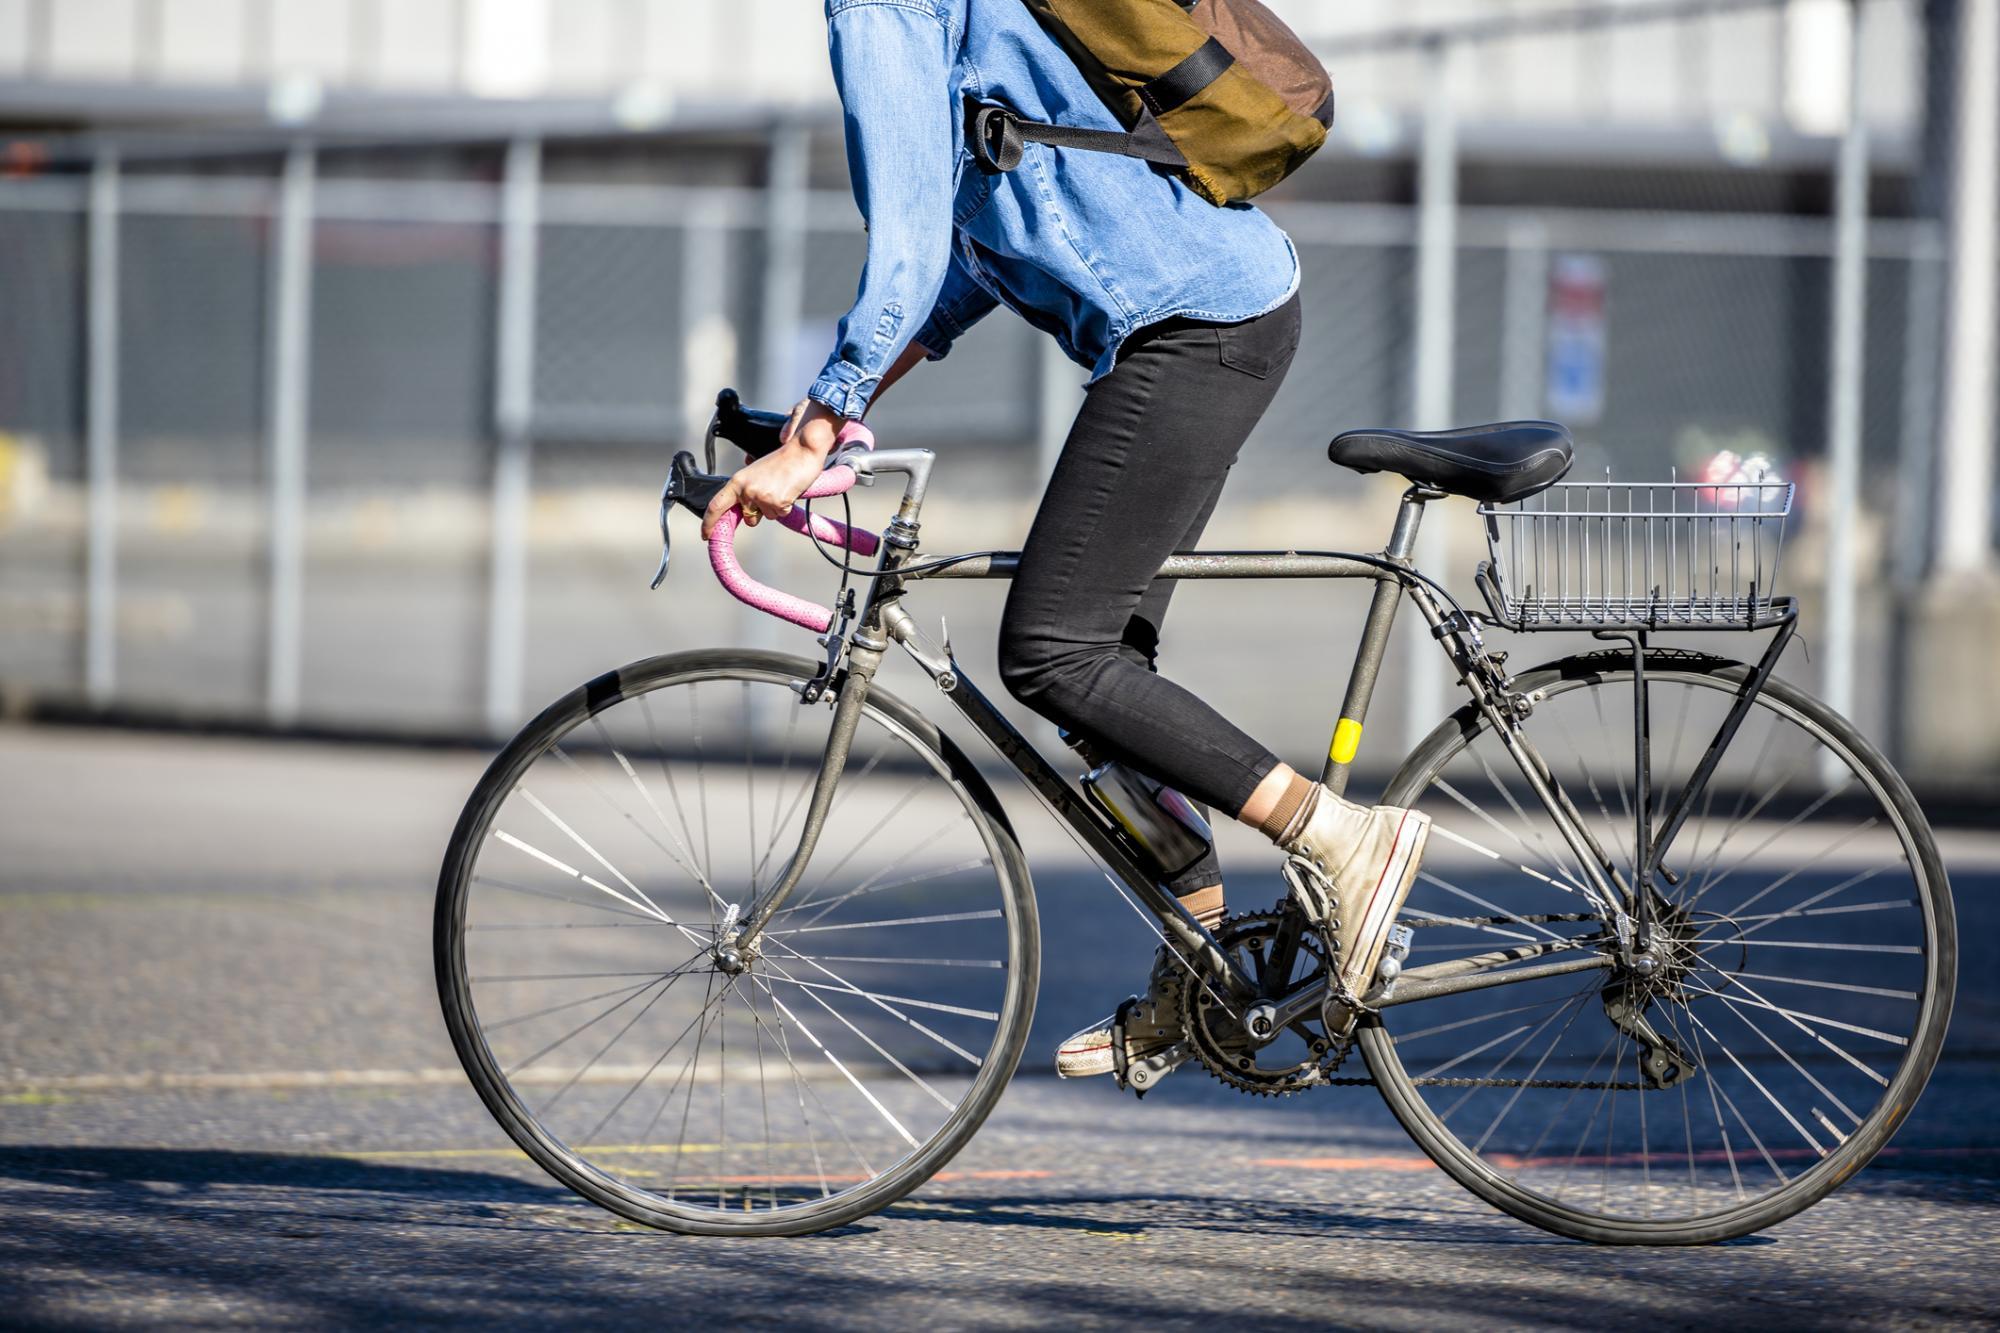 Prêts pour le challenge national de vélo?